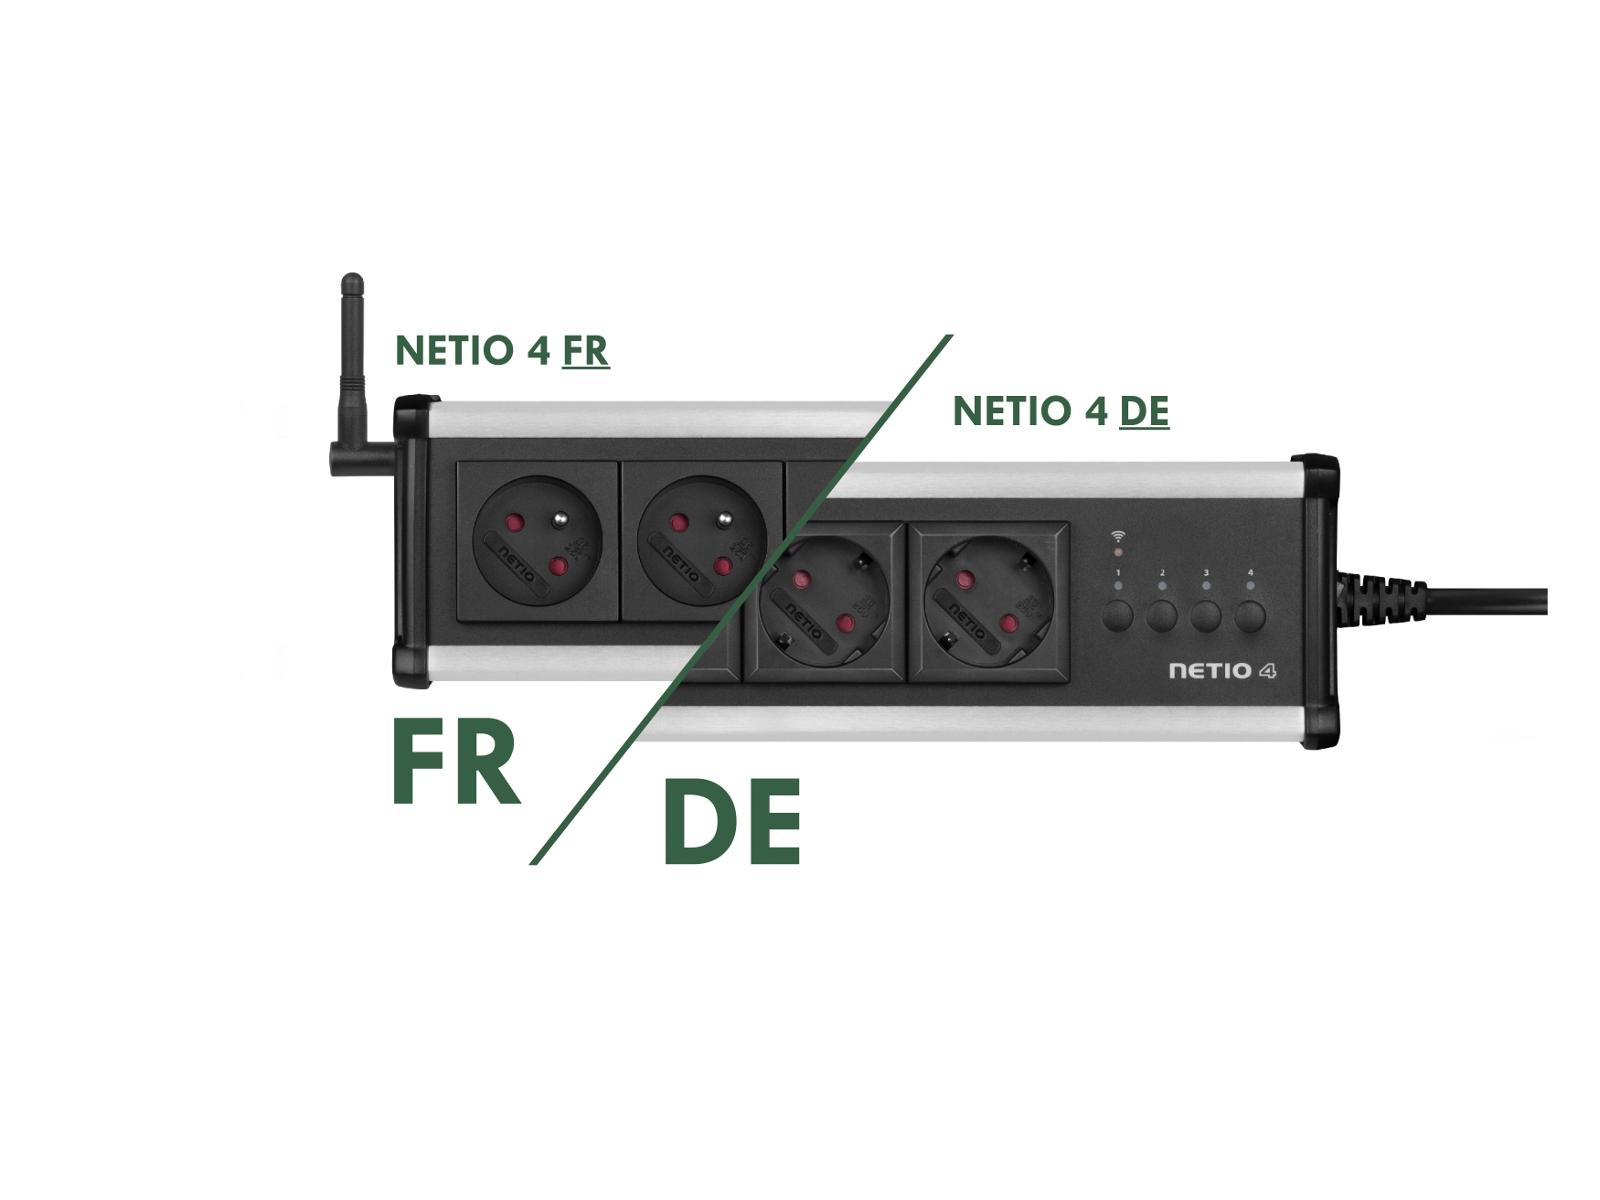 NETIO 4 dodáváme jako zásuvky 230V Typ E (FR) a ve většině Evropy rozšířené Typ F (DE schuko)